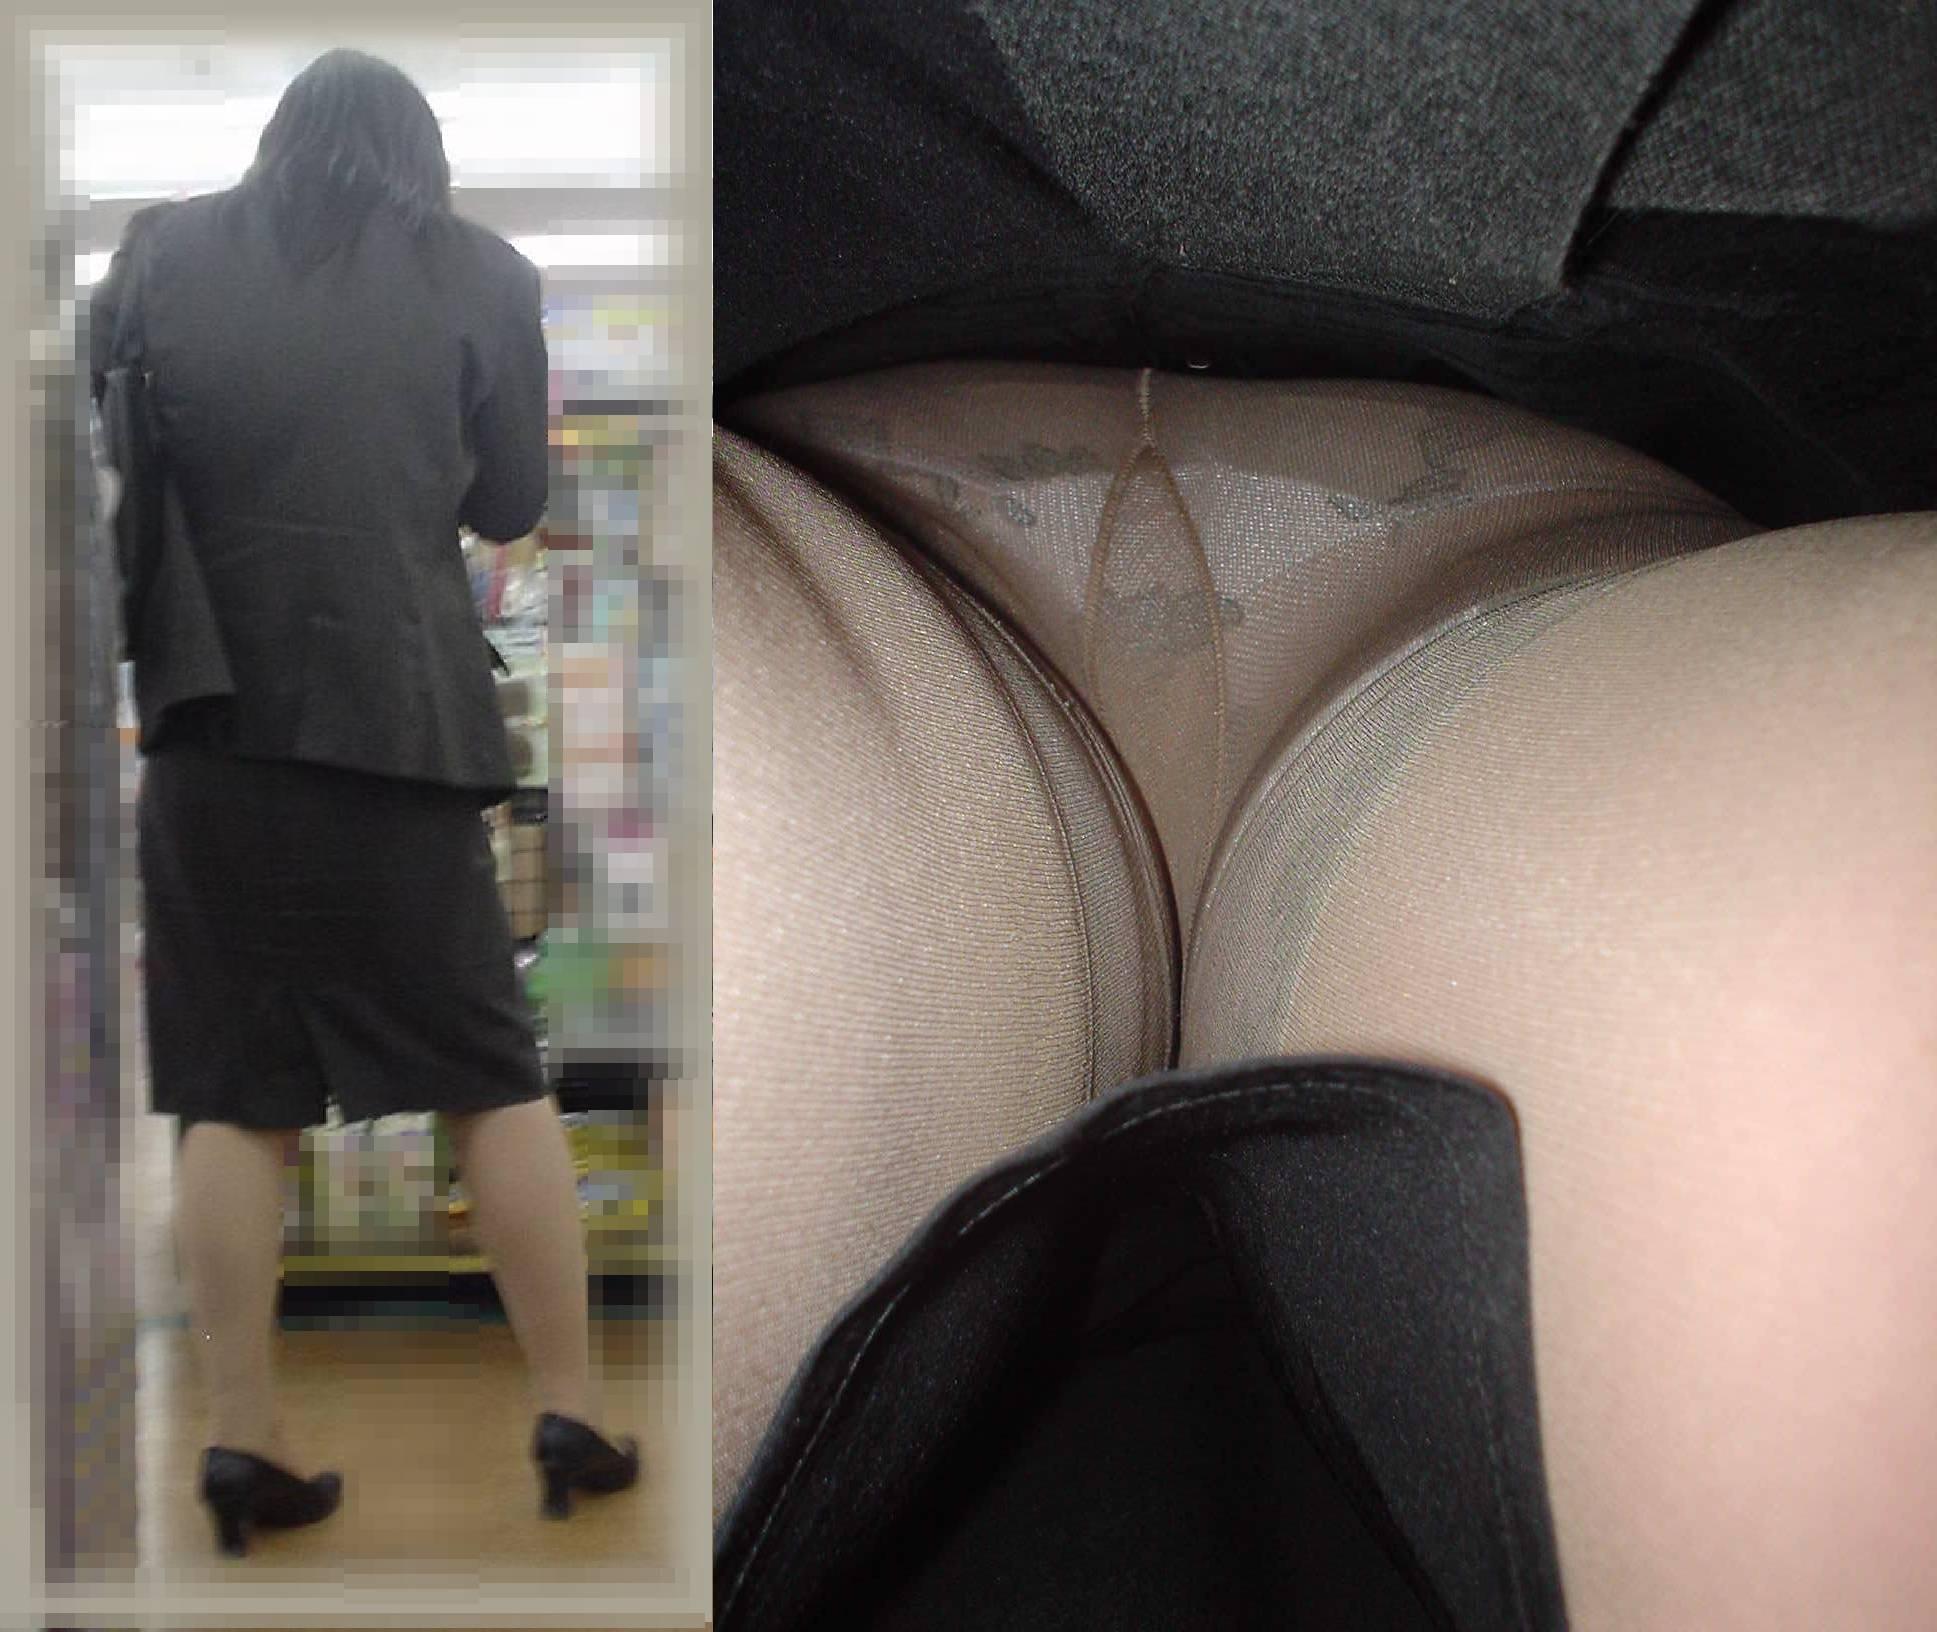 新人リクスーOLのタイトスカート逆さ撮り盗撮画像8枚目